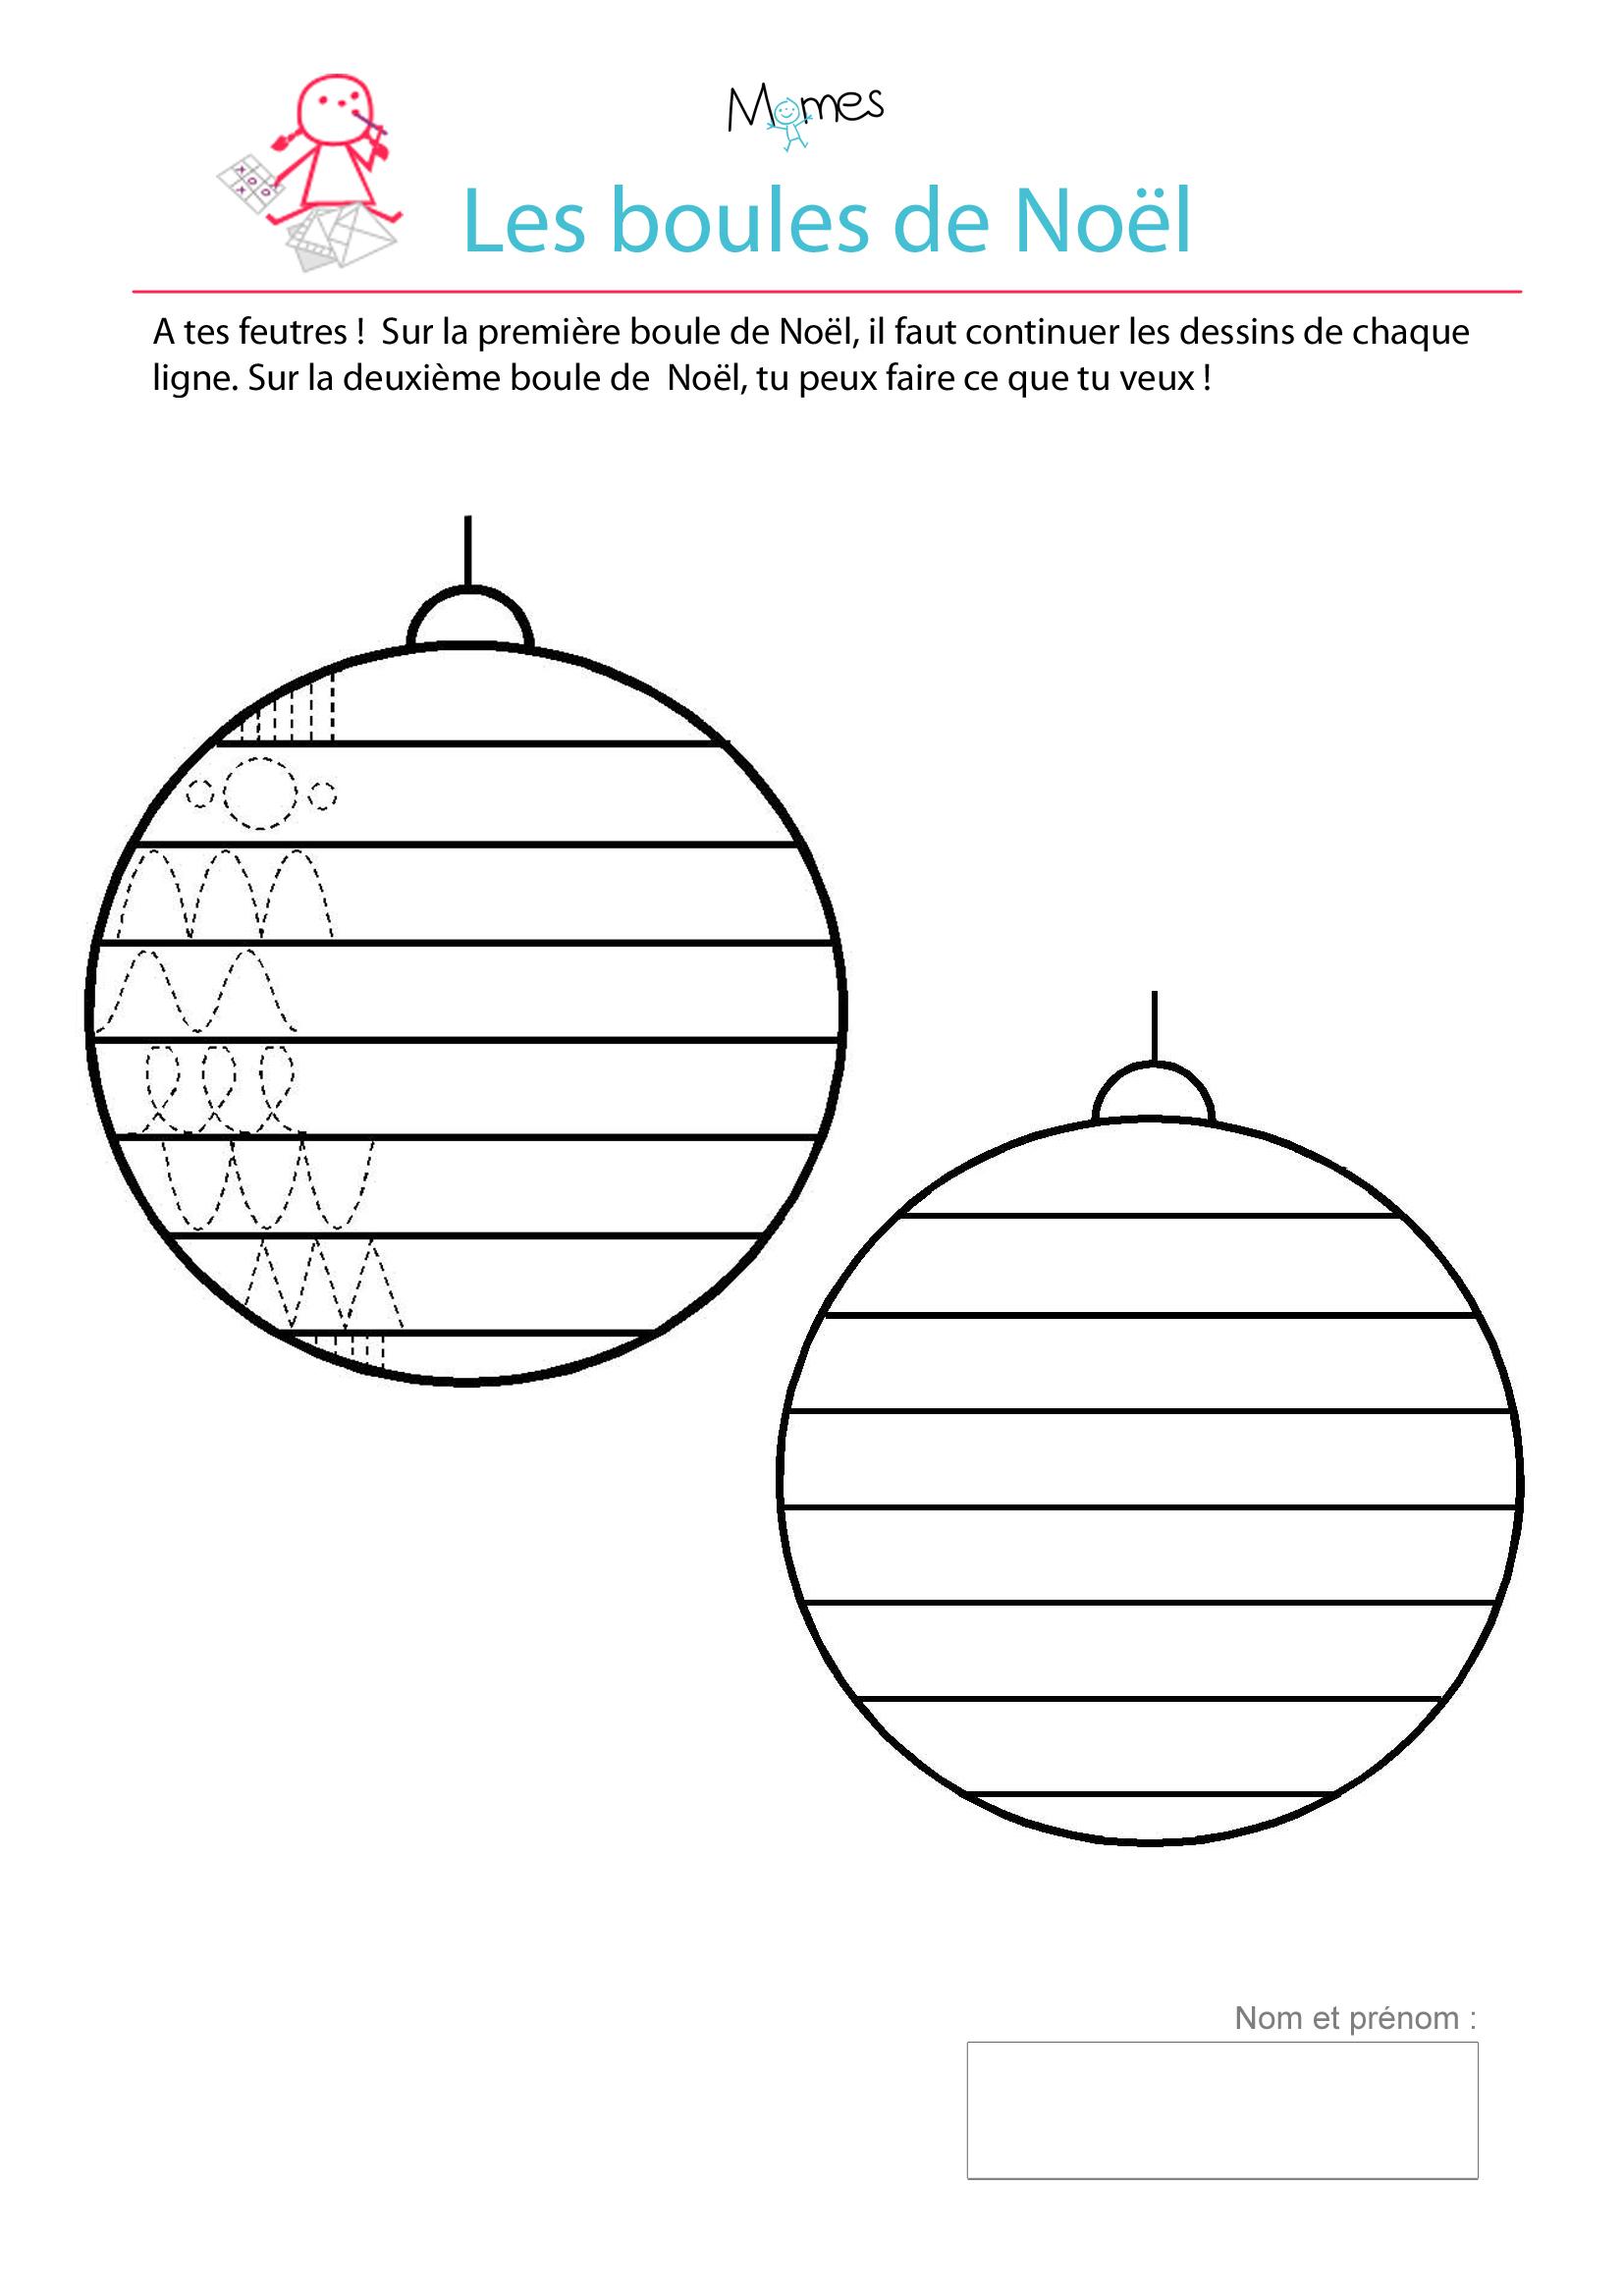 Décore Les Boules De Noël - Exercice De Tracé - Momes tout Graphisme Maternelle A Imprimer Gratuit